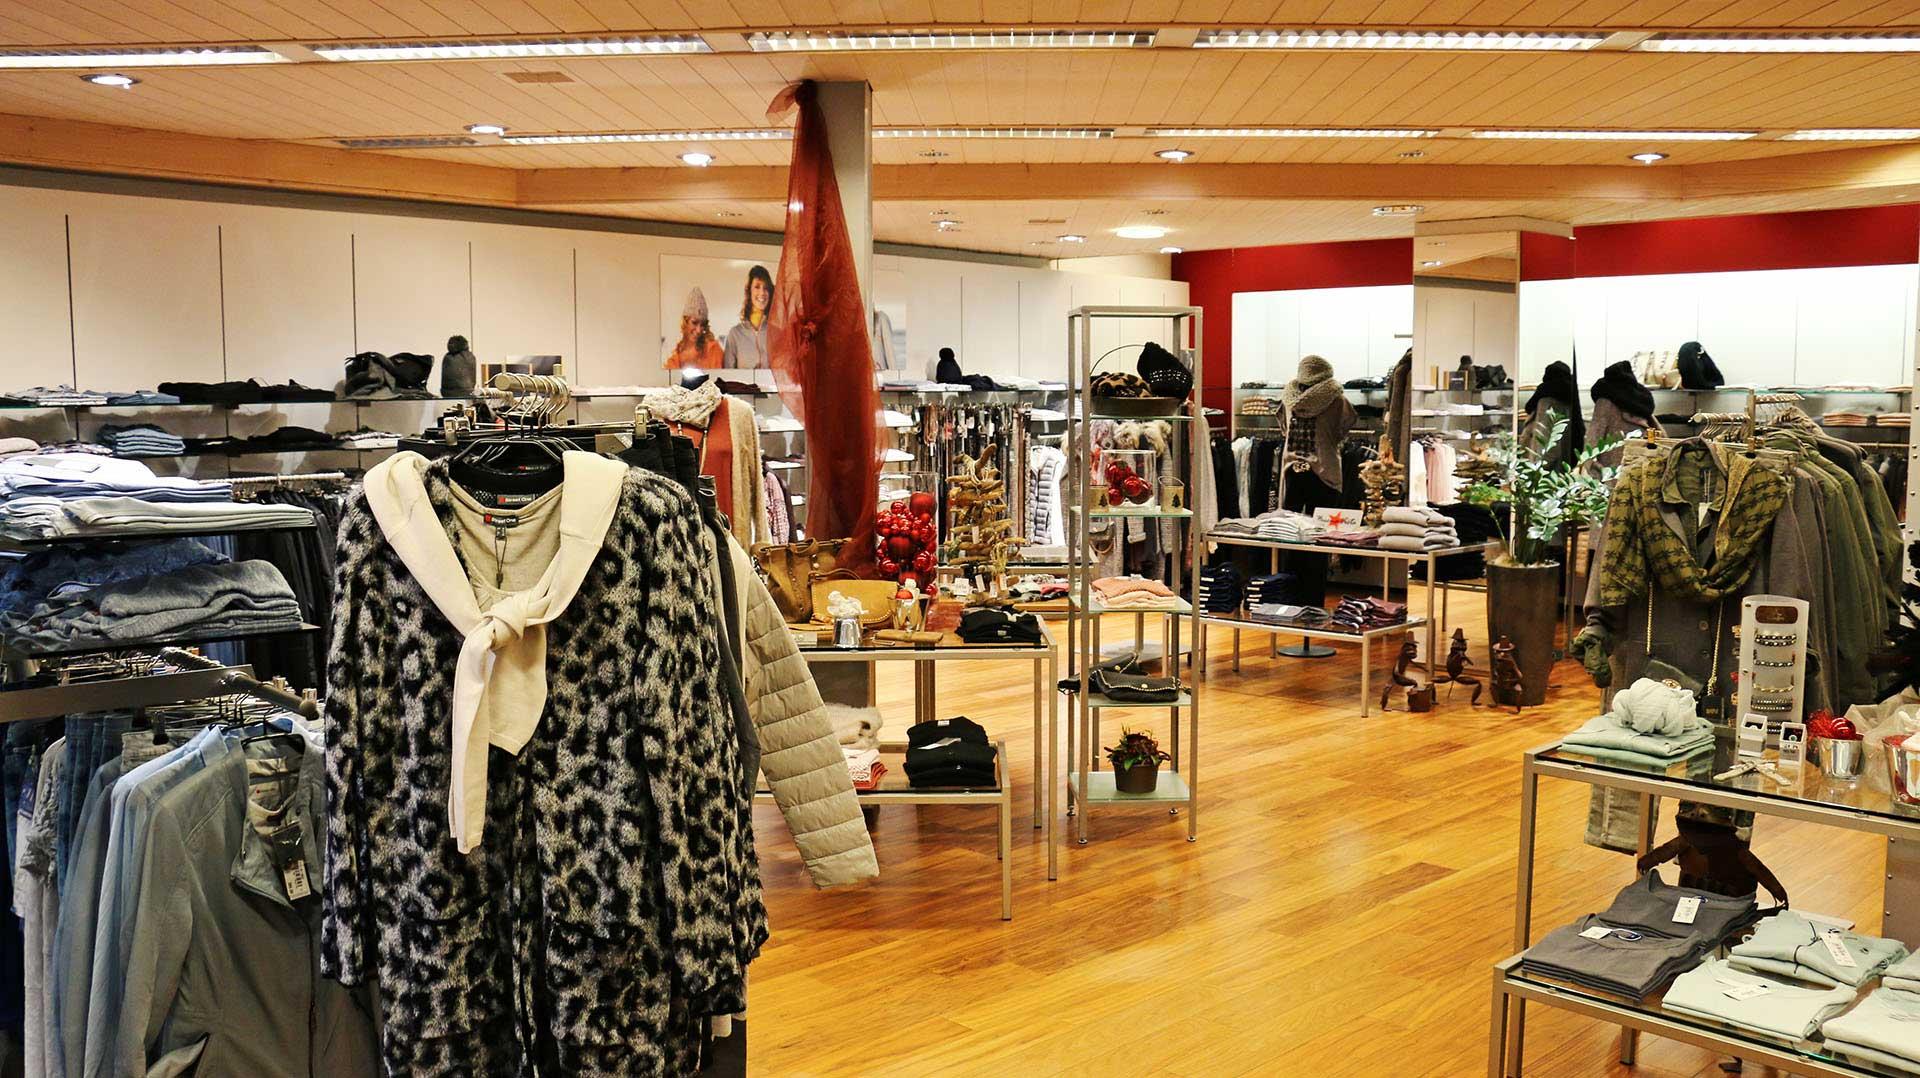 Foto galerie nicoles mode modegesch ft zweisimmen - Galerie mode d emploi ...